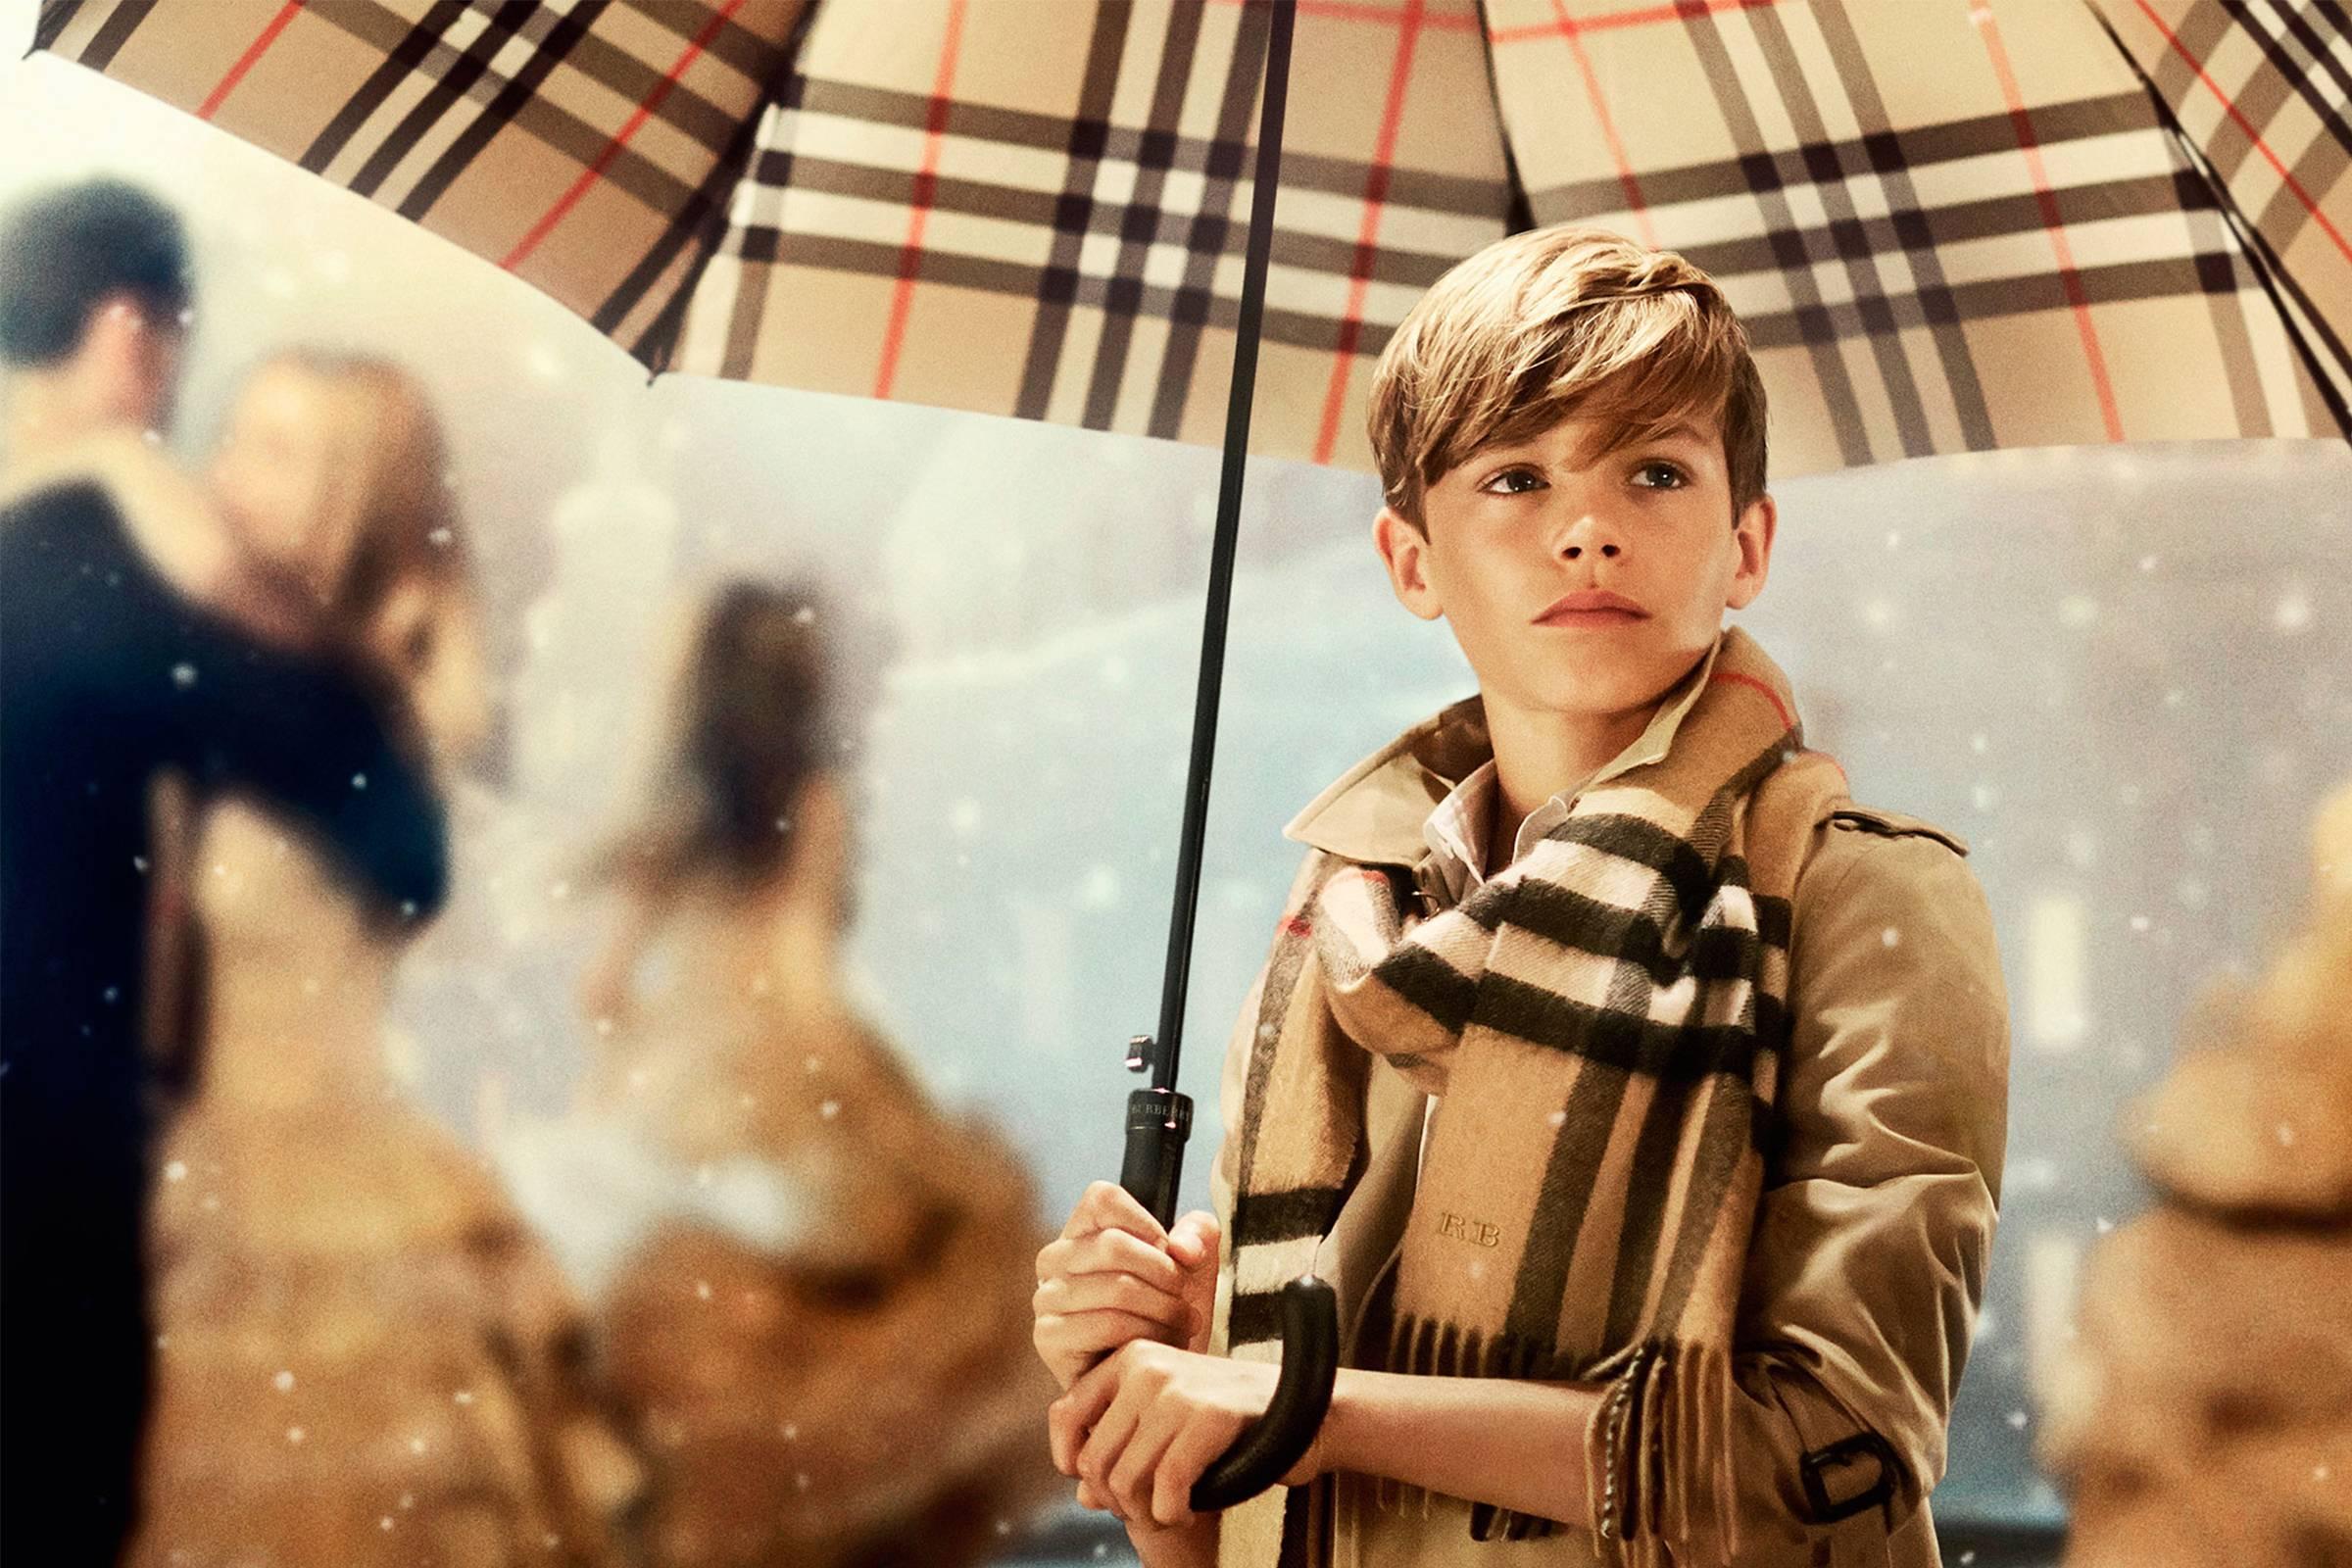 Мальчик в одежде от Burberry